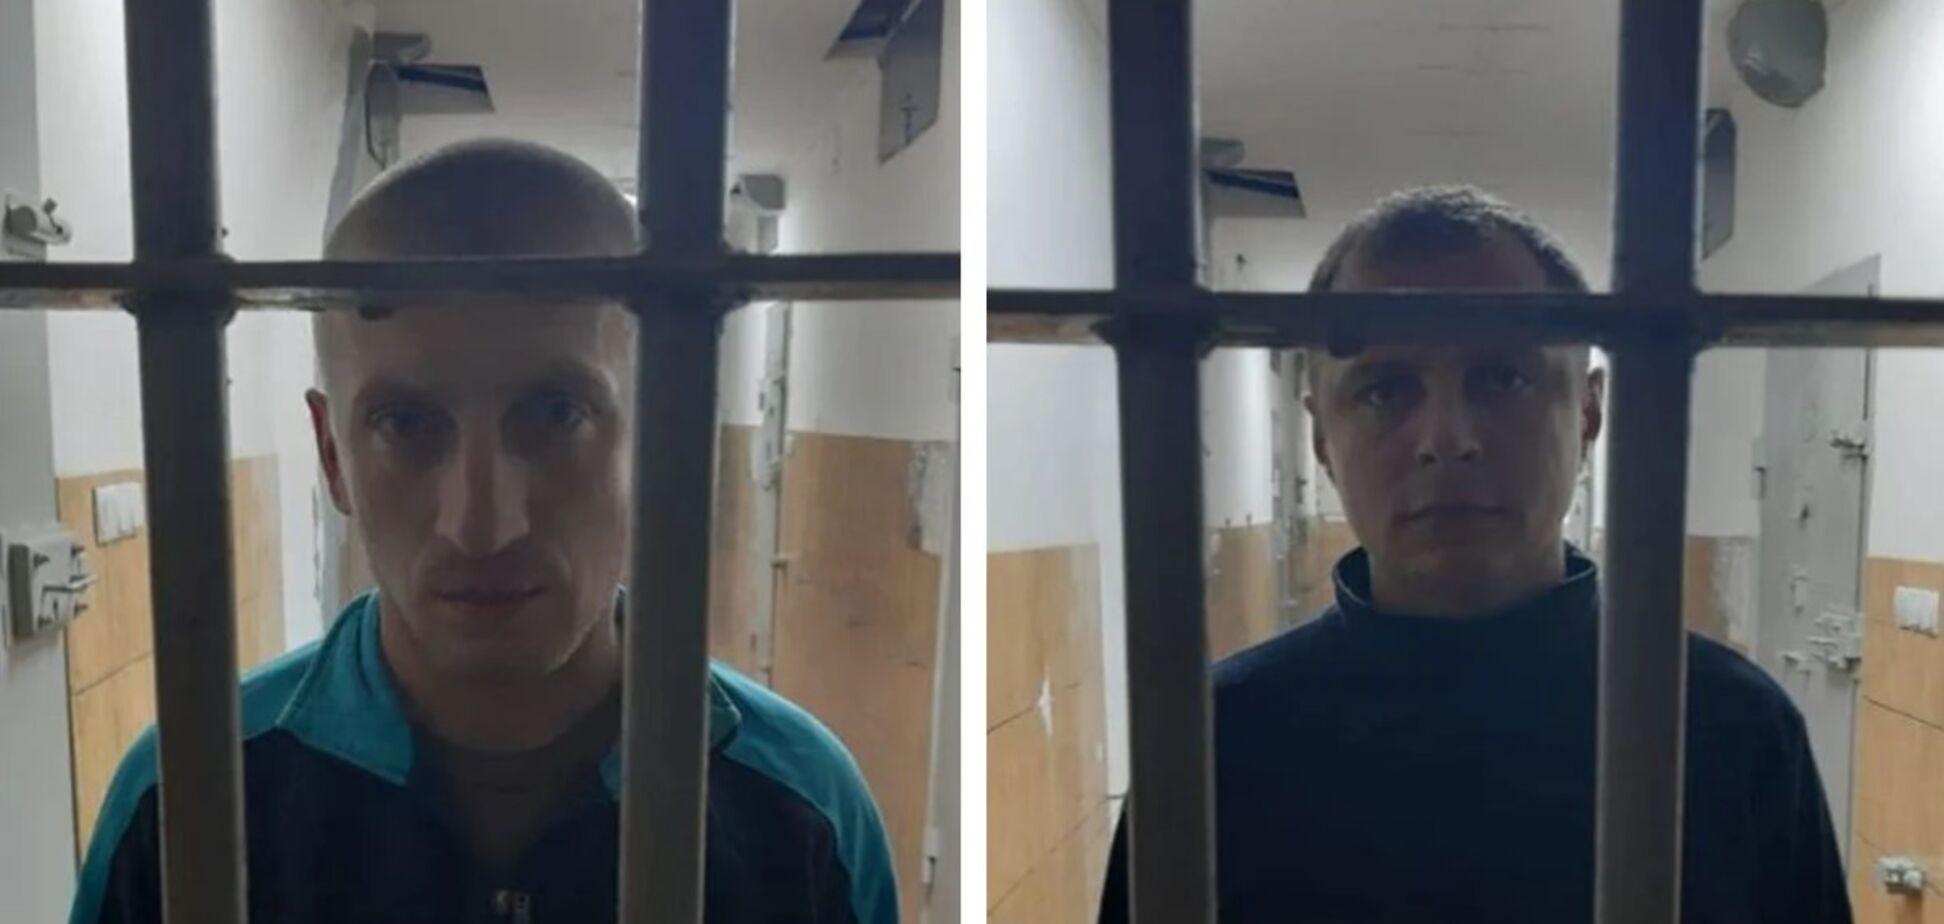 Бывшим полицейским в деле об изнасиловании в Кагарлыке изменили квалификацию преступления